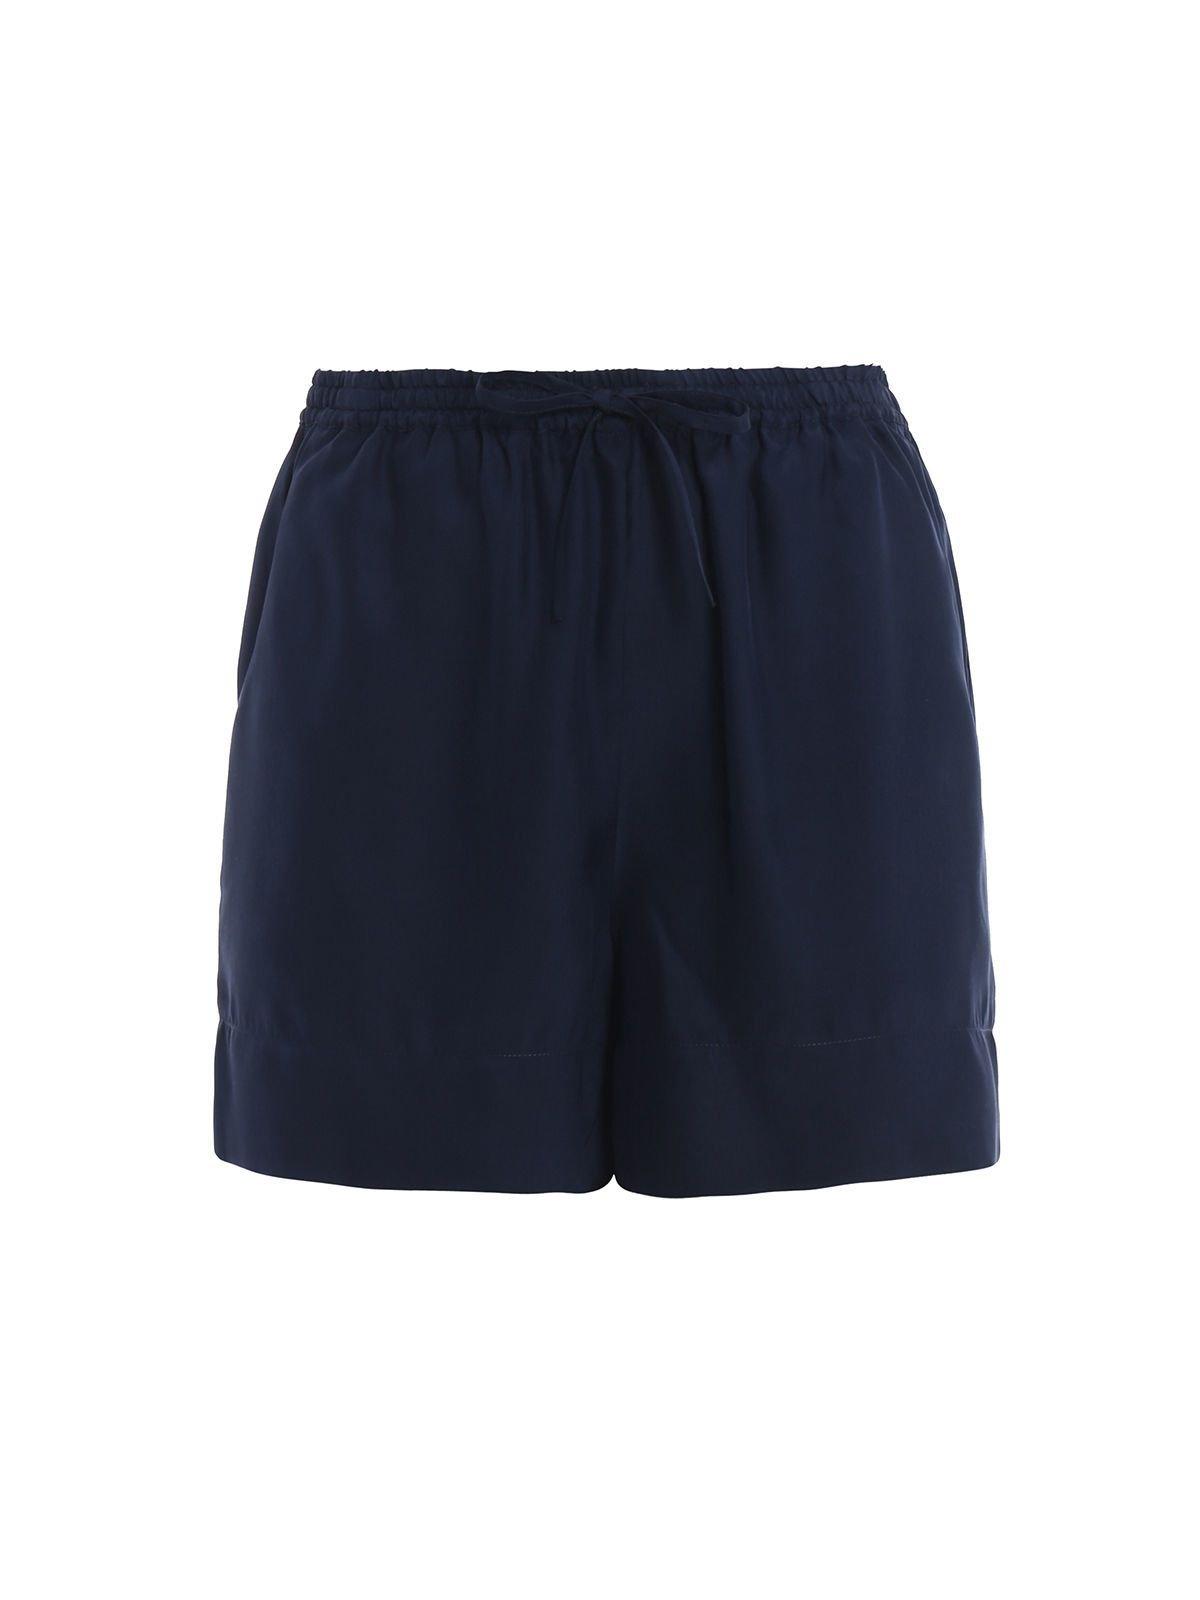 P.a.r.o.s.h. Drawstring Shorts